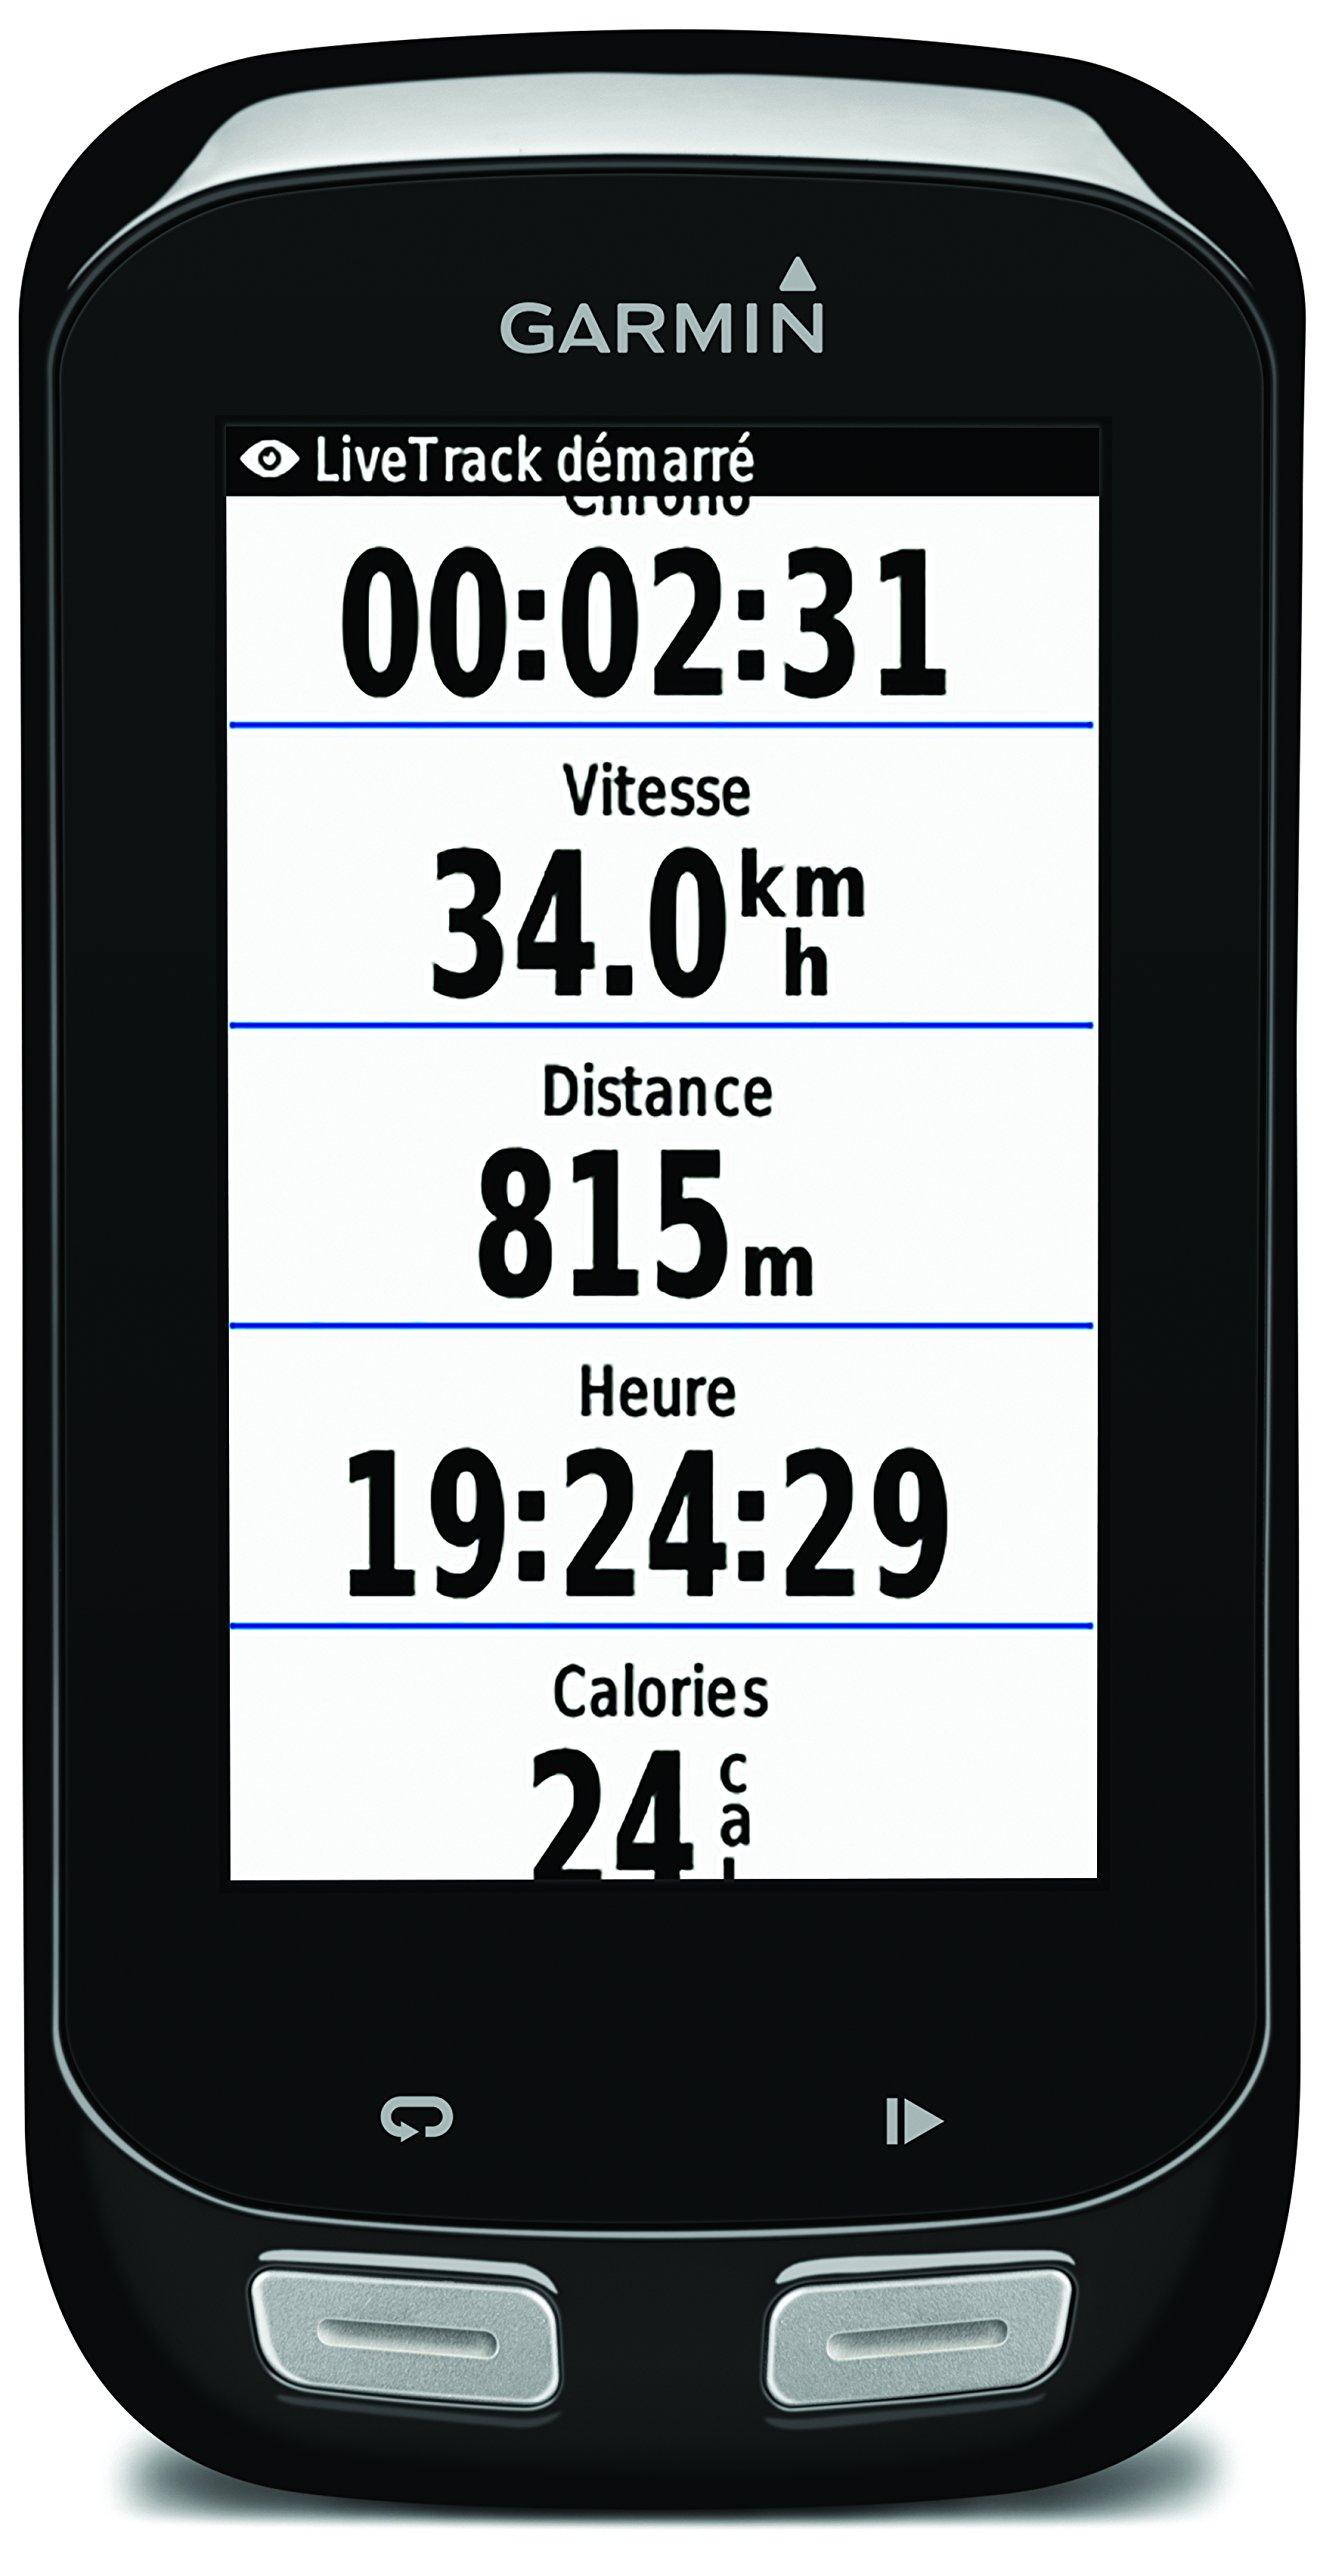 Garmin Edge 1000 Kit GPS Bike Computer con Touchscreen e Navigazione, Mappa Europa e Notifiche Smart, Fascia Cardio Soft Premium, Sensori Cadenza e Velocità, Nero/Antracite product image